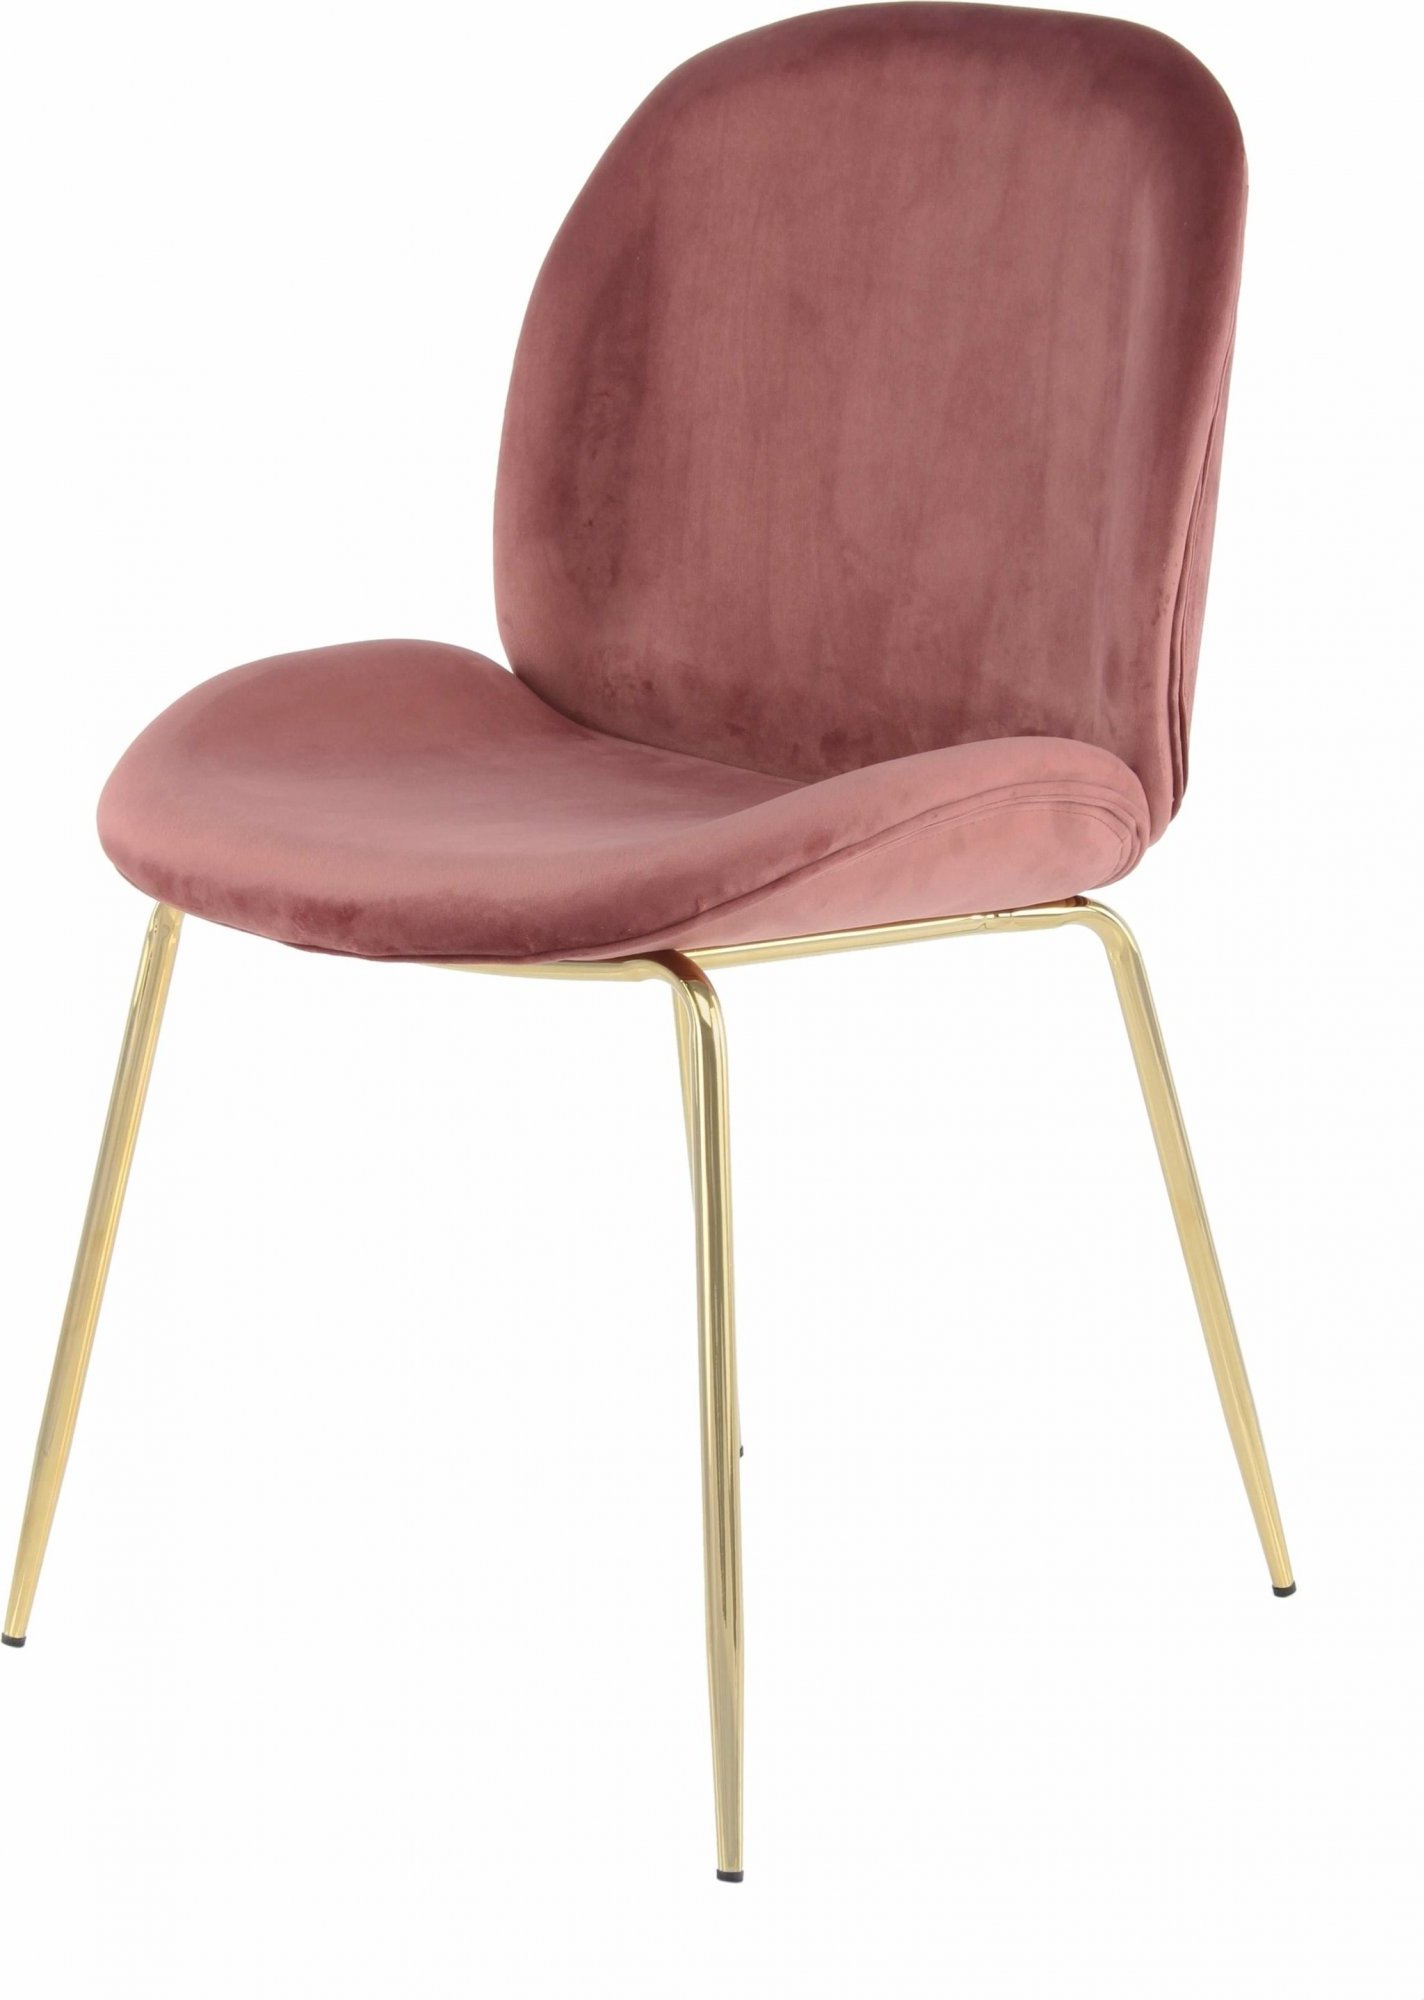 maison du monde Chaise rembourrée assise rose pieds doré (lot de 2)